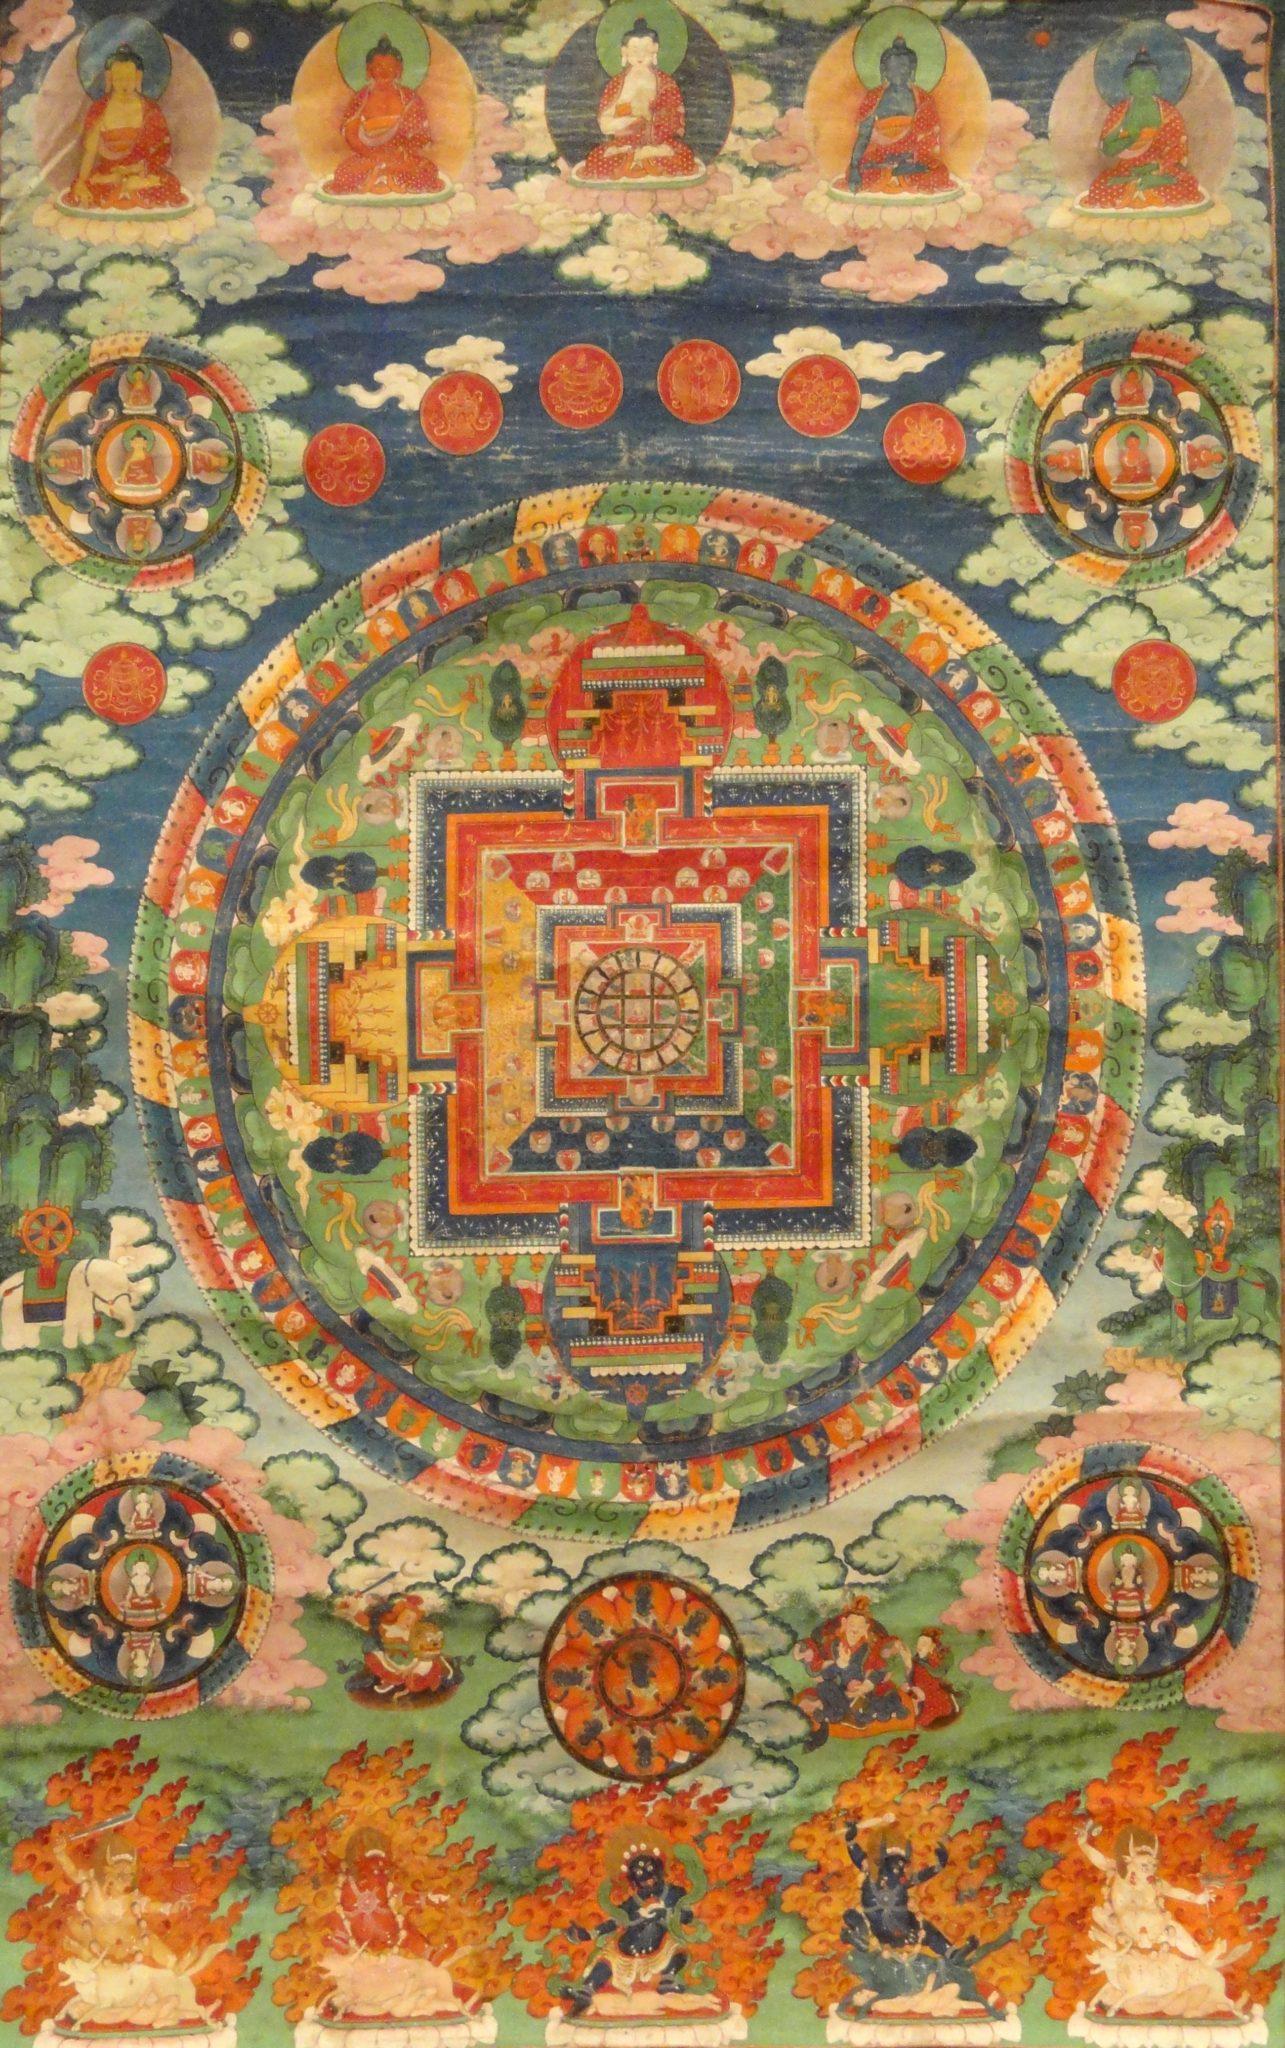 Jina - Mandala - Dhyani Bouddha